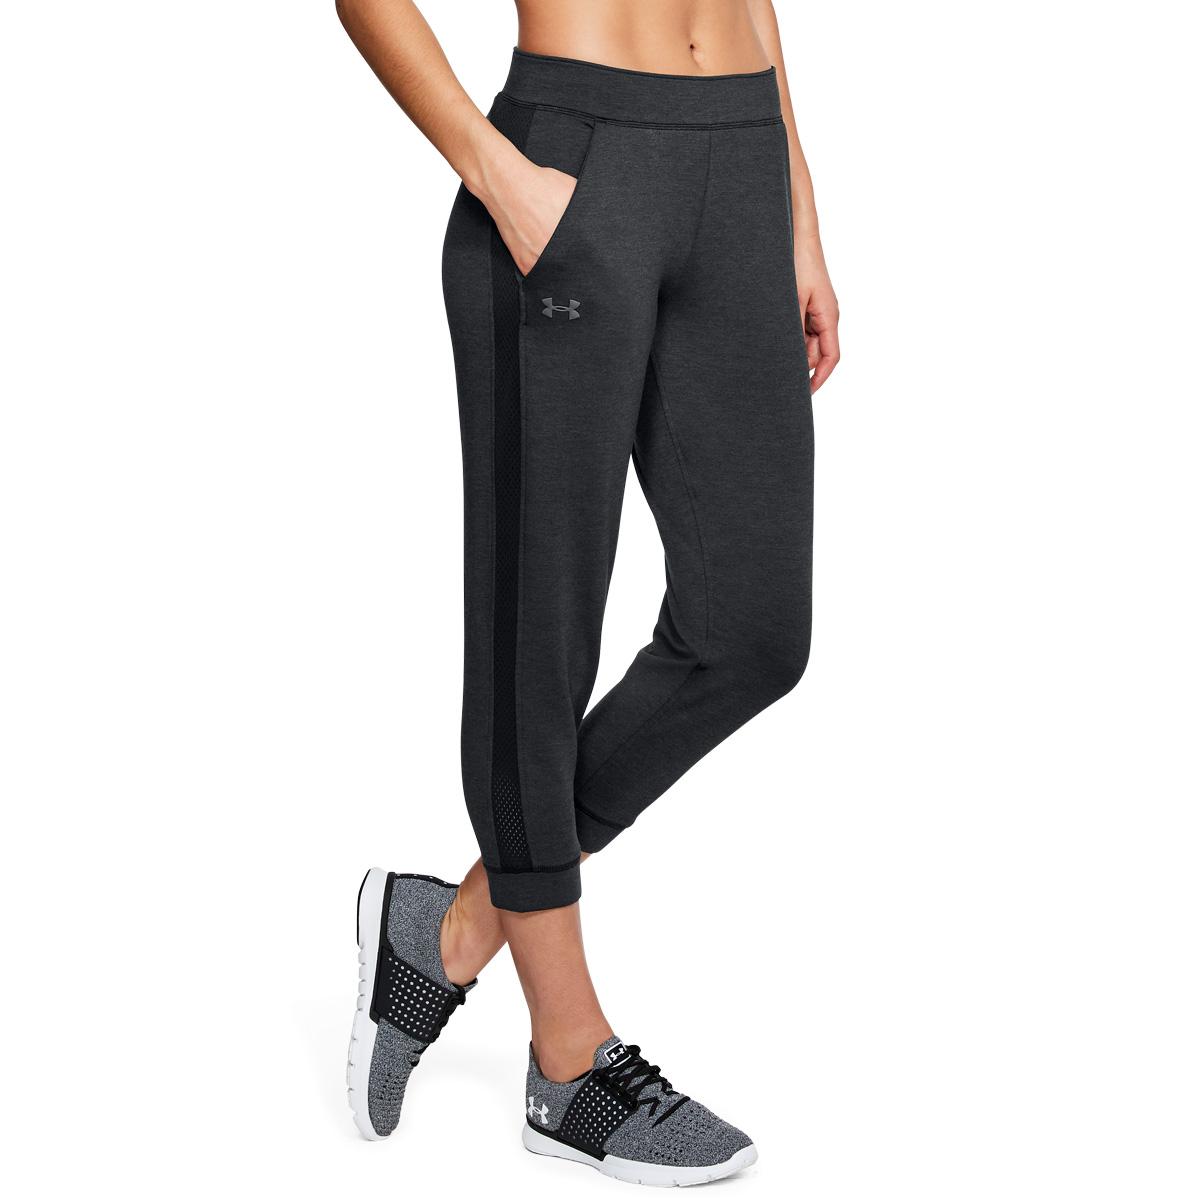 ... Under Armour Femme 2018 poids plume Crop Toison formation Pantalon  Pantalon formation De Jogging 4a3754 ... cf42b35a3828